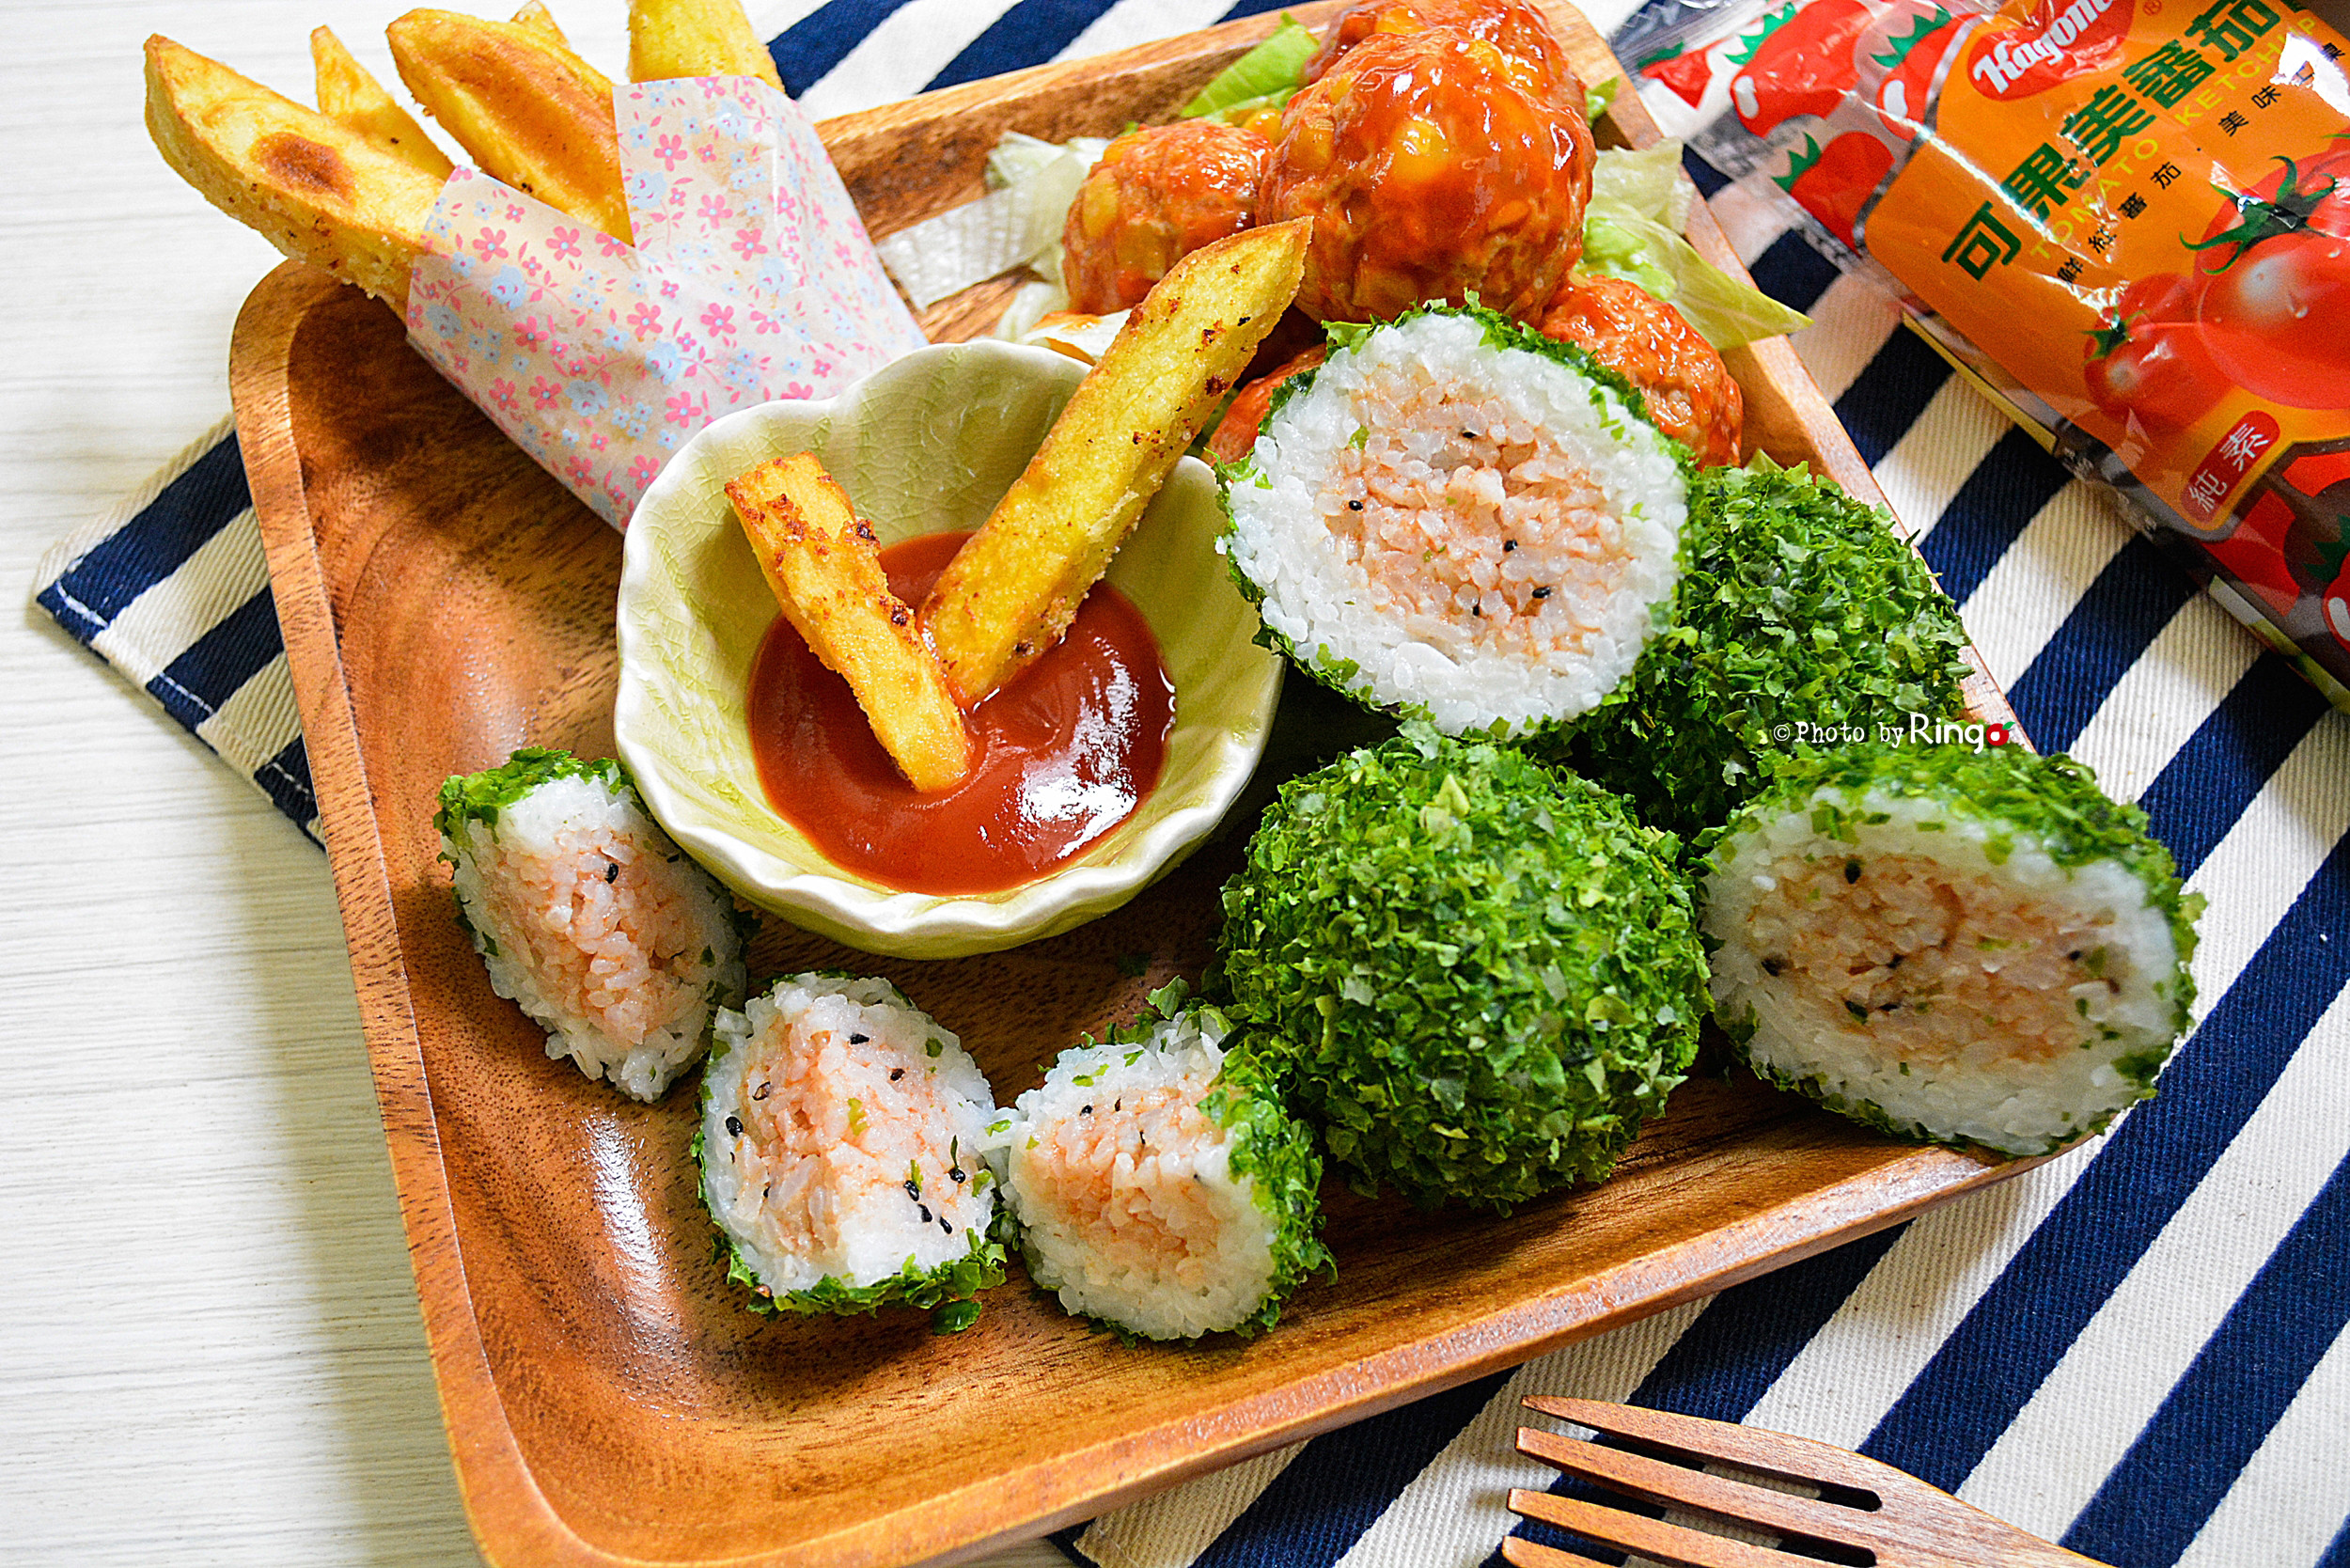 西瓜飯糰肉丸子套餐【蕃茄醬懶人料理】